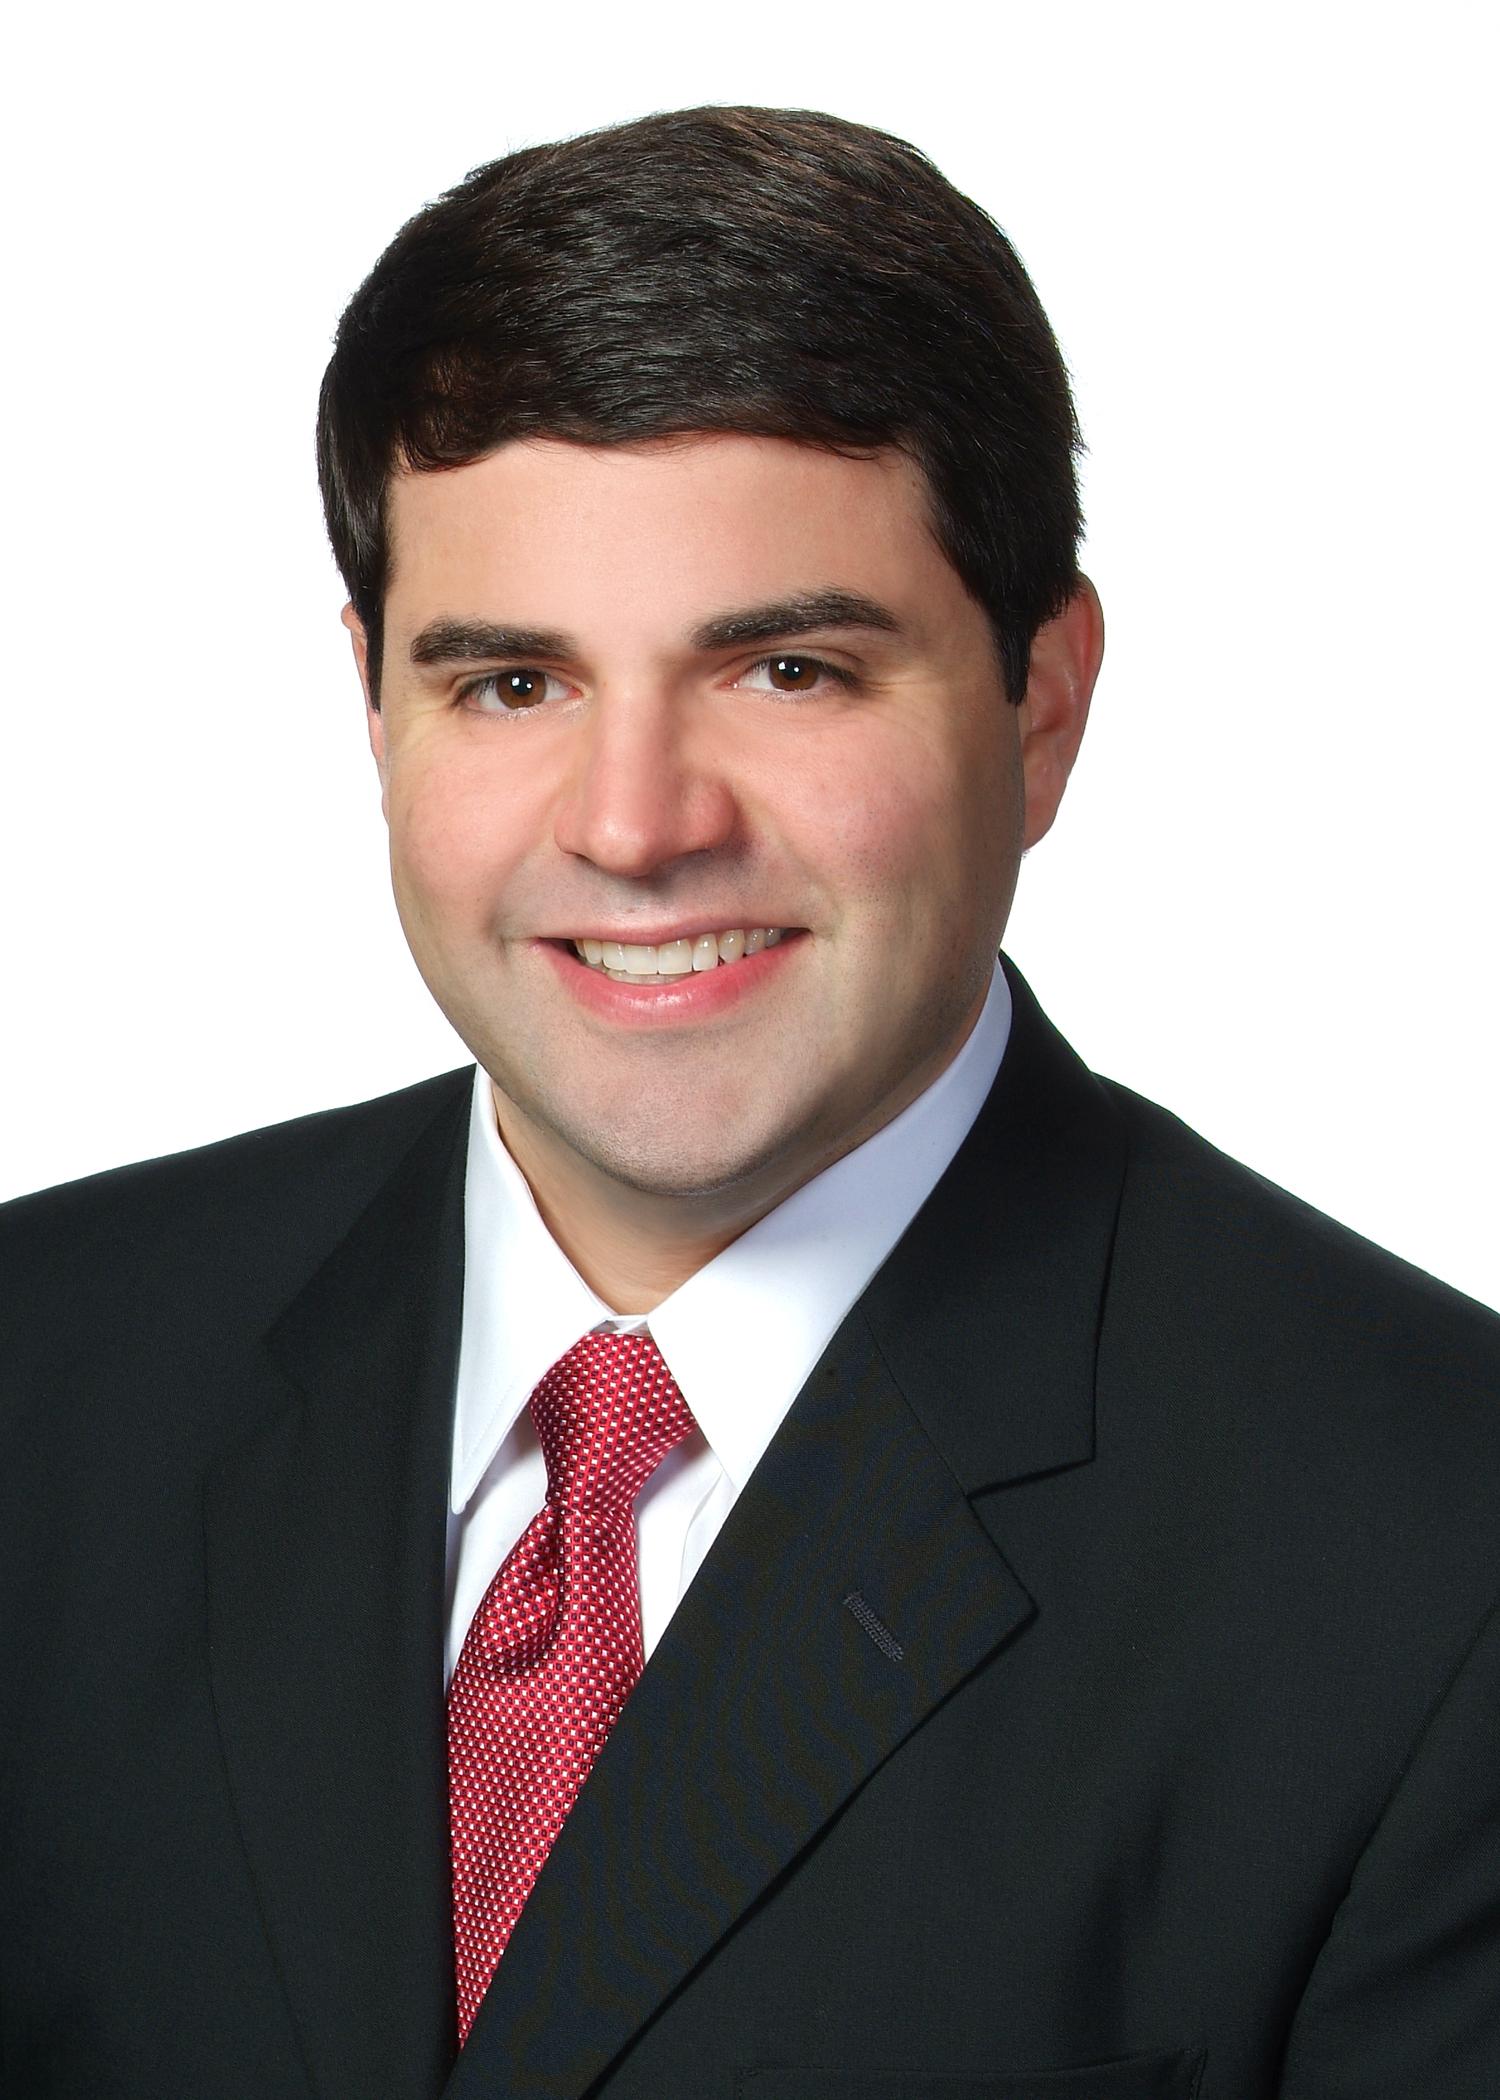 Andrew K. Sledd, CPA, CFE